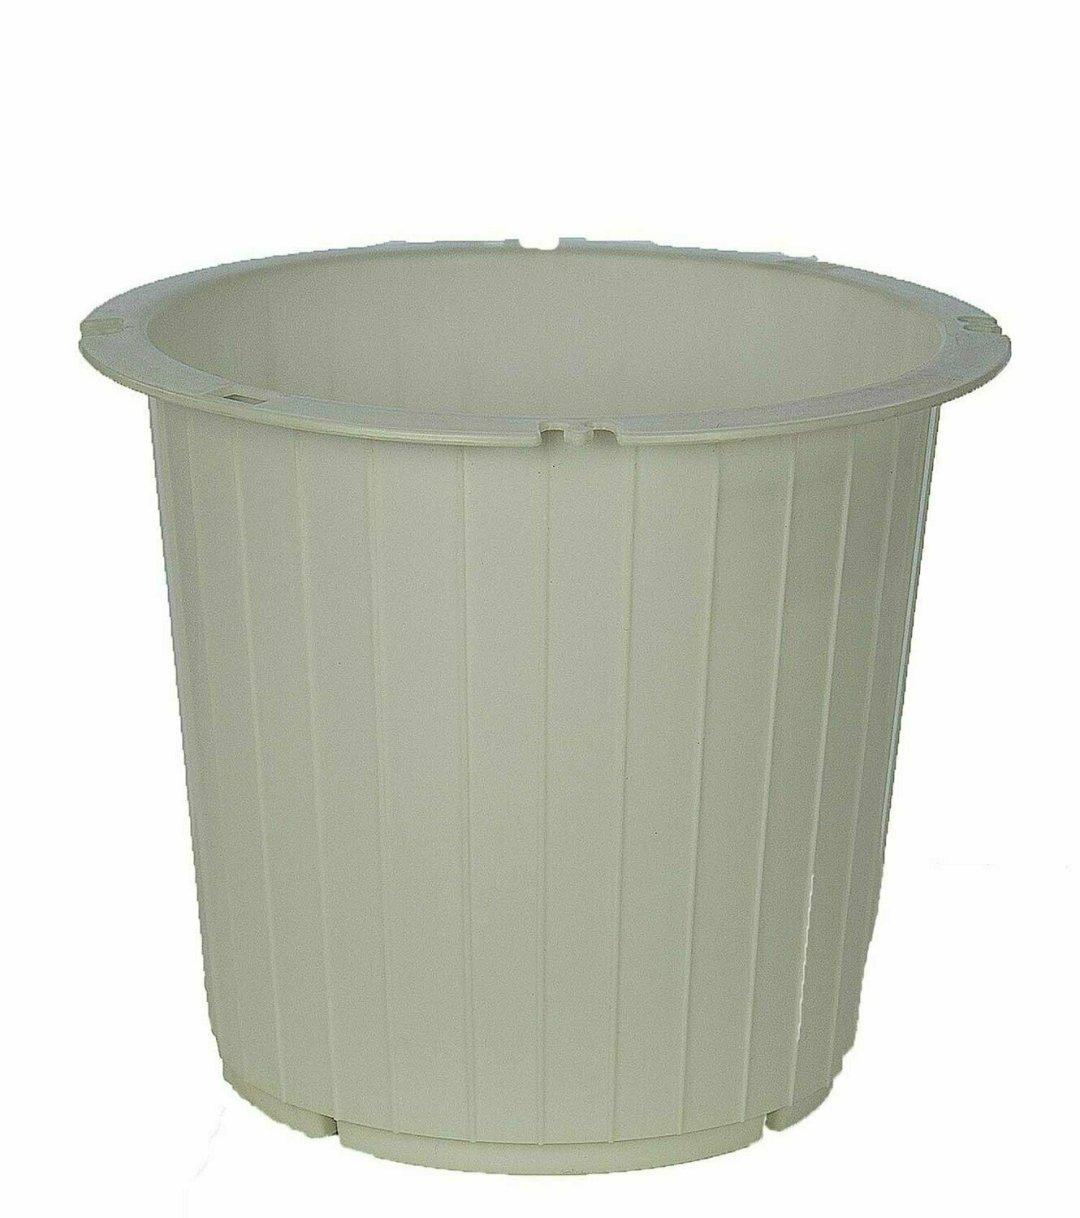 PL8014WT - White Utility Pot With 7.25